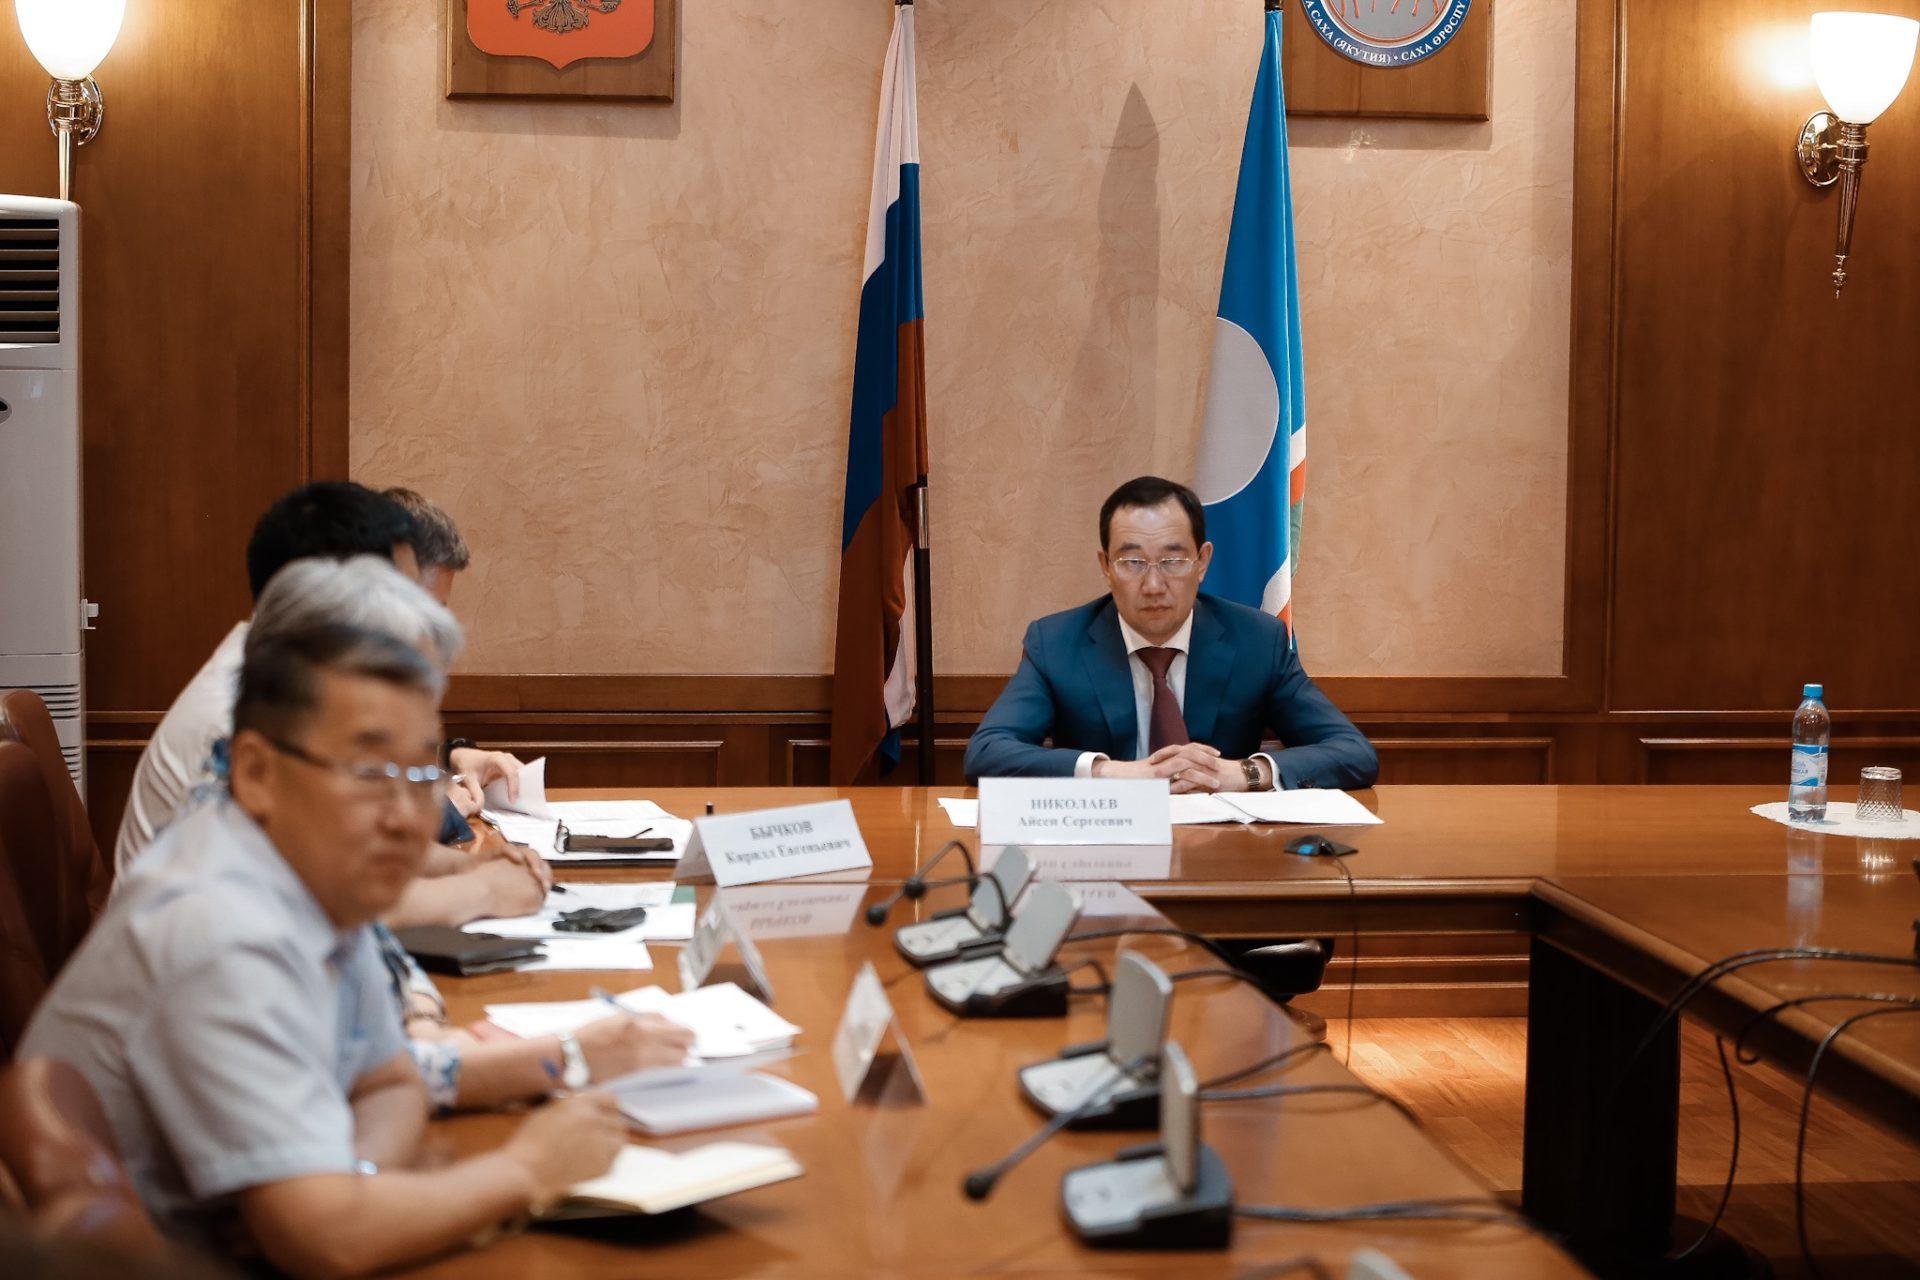 Обсуждены вопросы перехода в Якутии от долевого строительства на проектное финансирование с эскроу-счетами